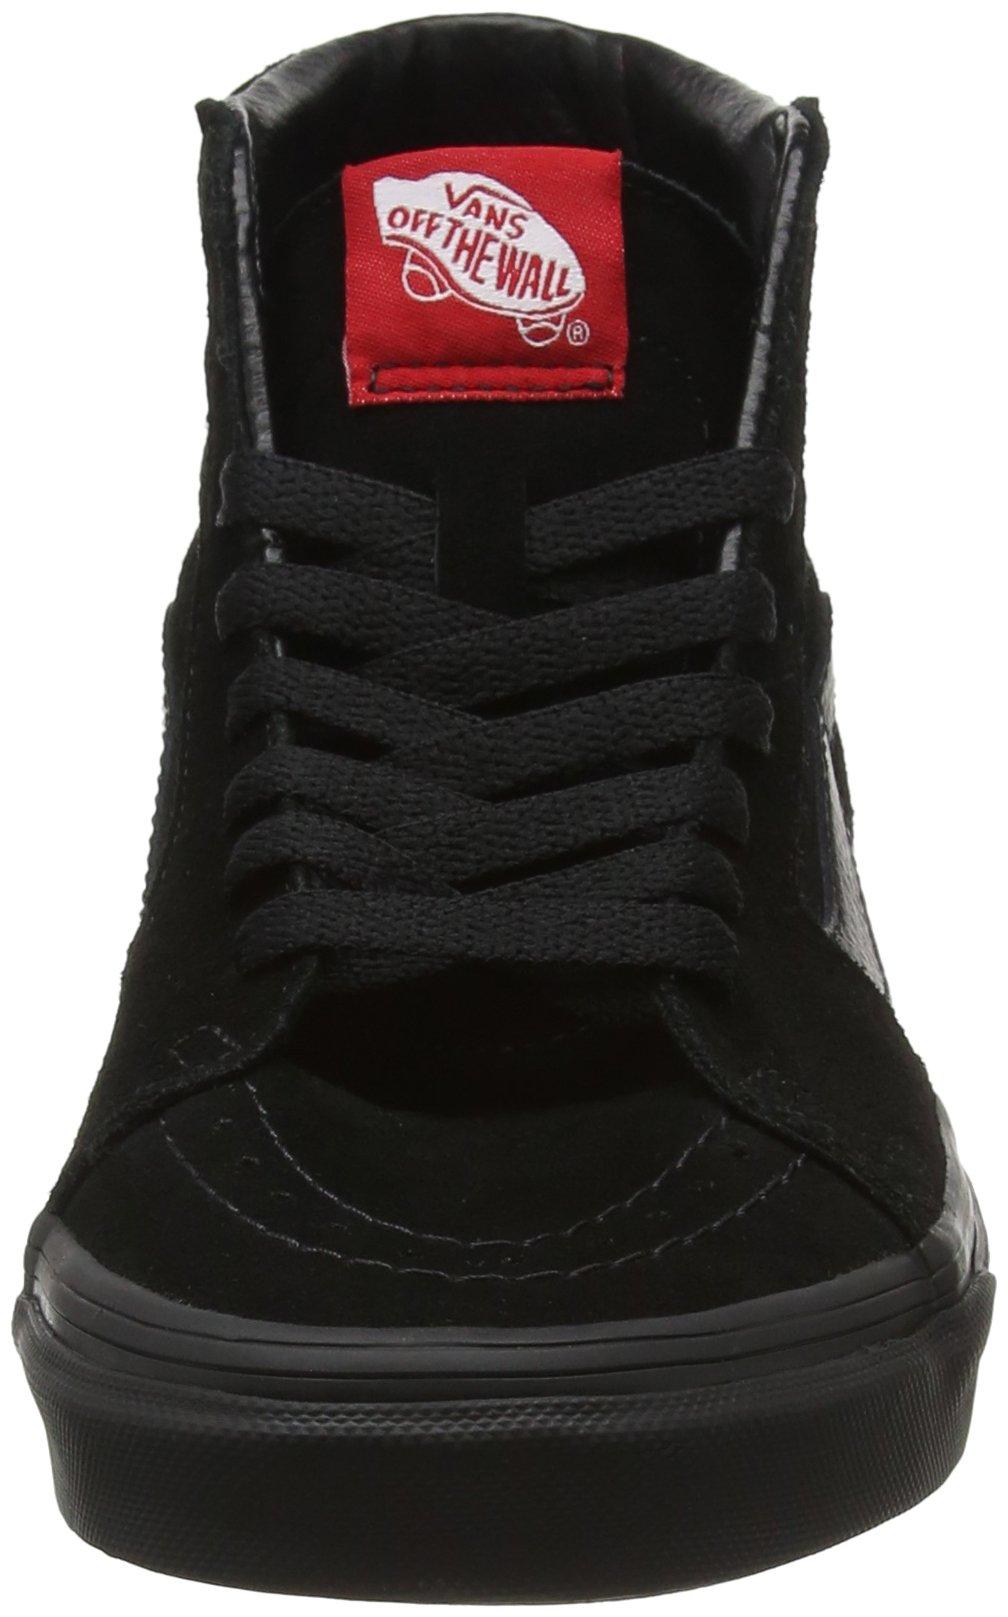 Vans Unisex SK8-Hi MTE (MTE) Black/Leather 6 Women / 4.5 Men M US by Vans (Image #4)